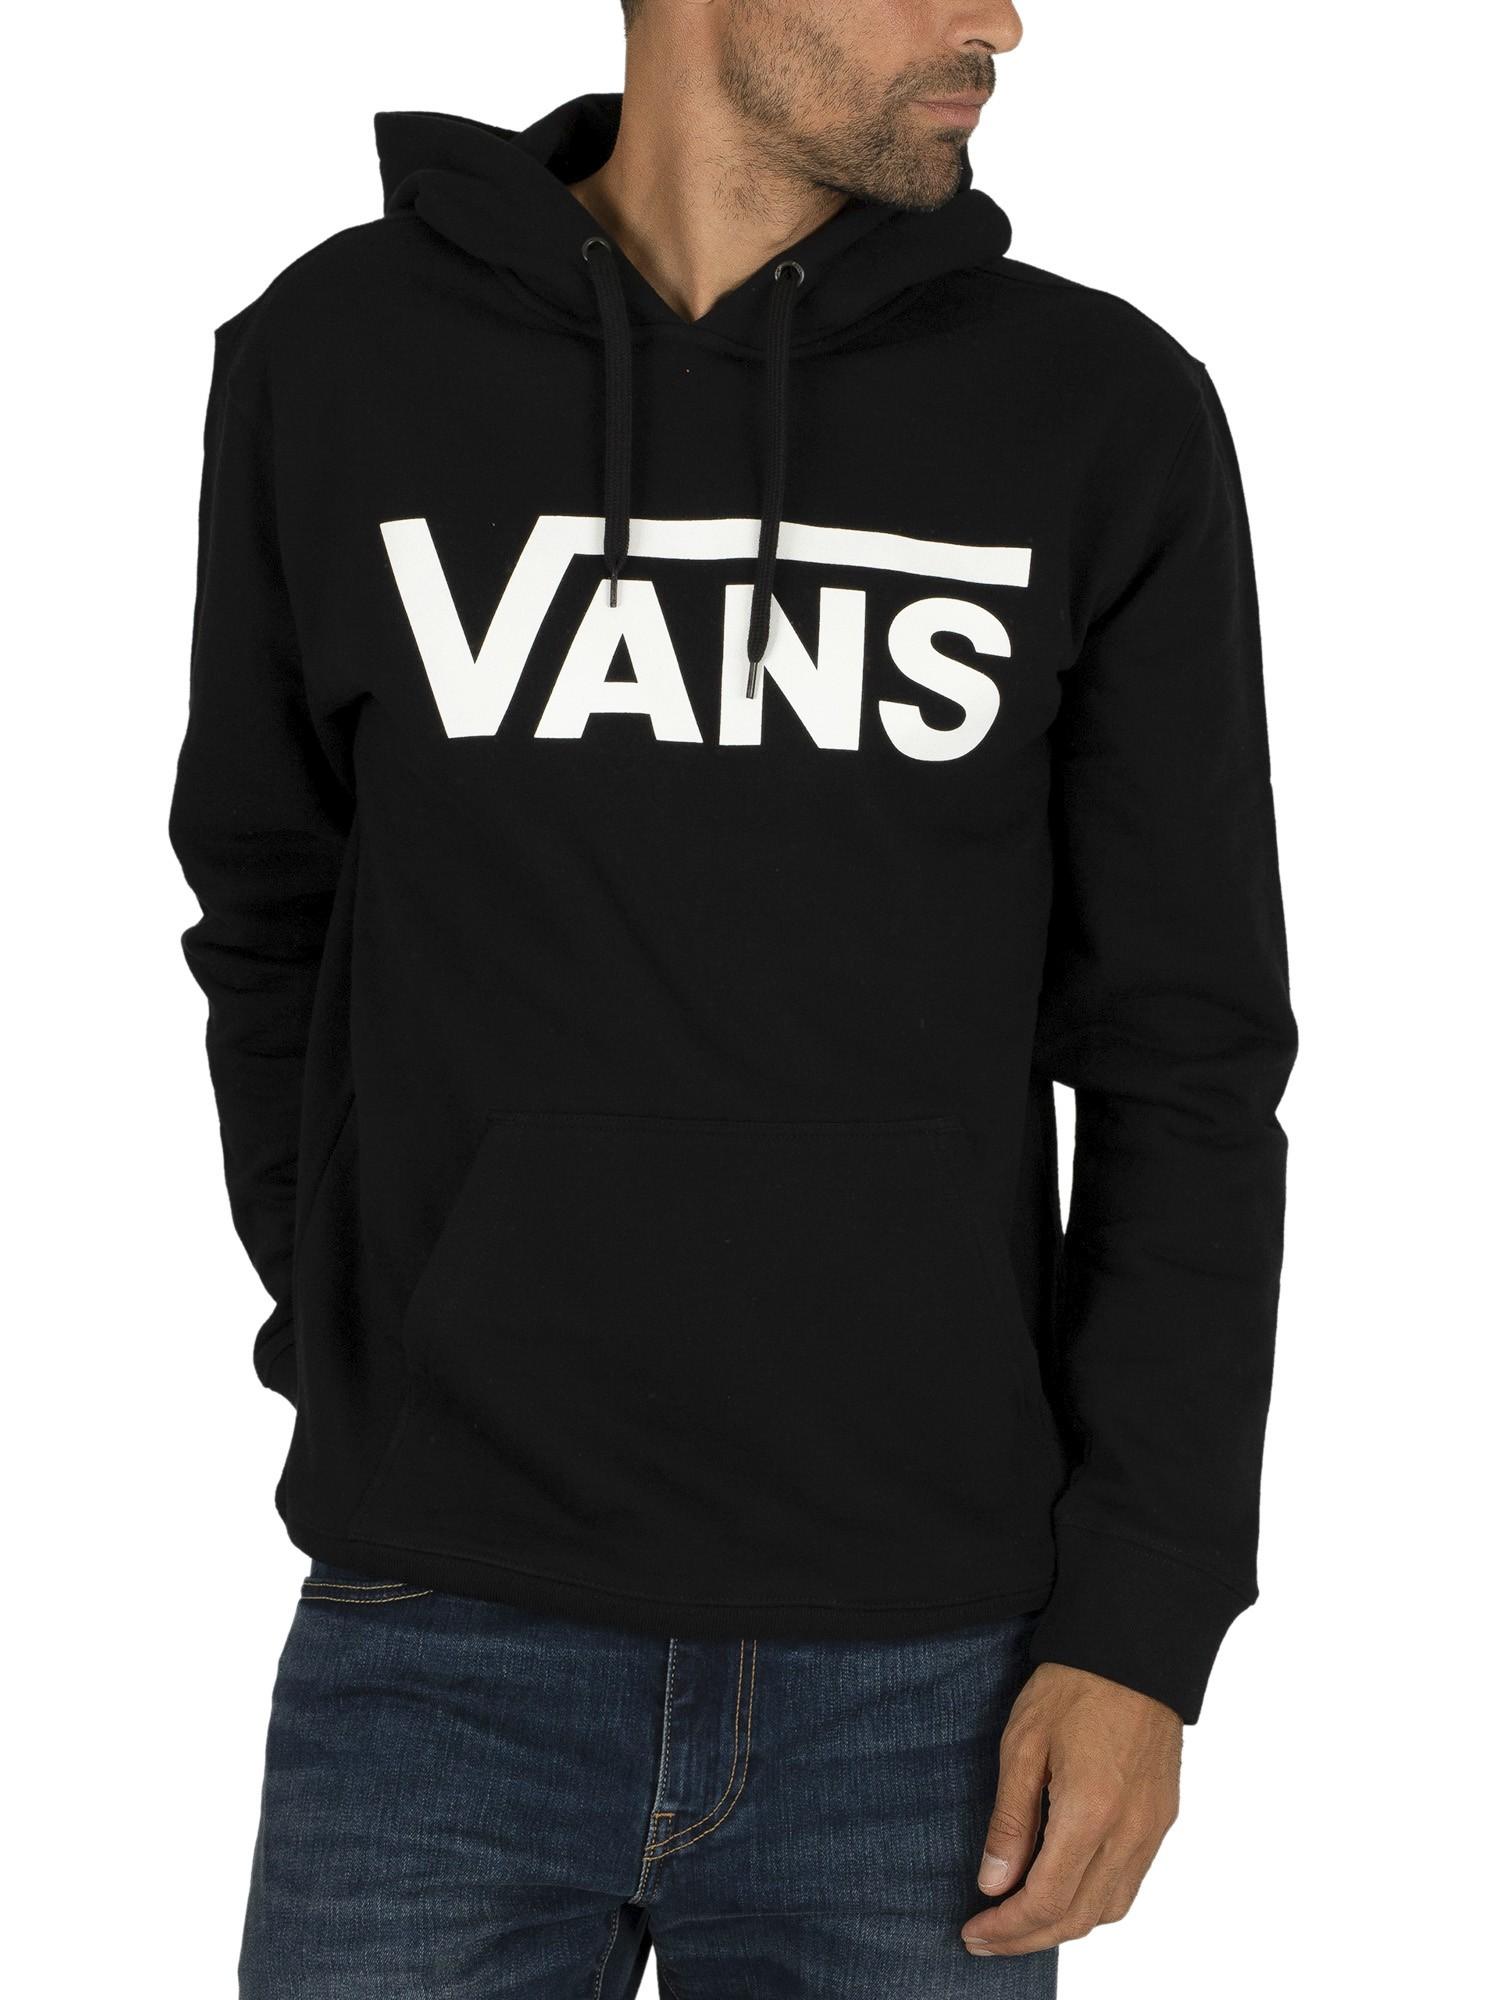 Vans Classic Hoodie | Black | Vans